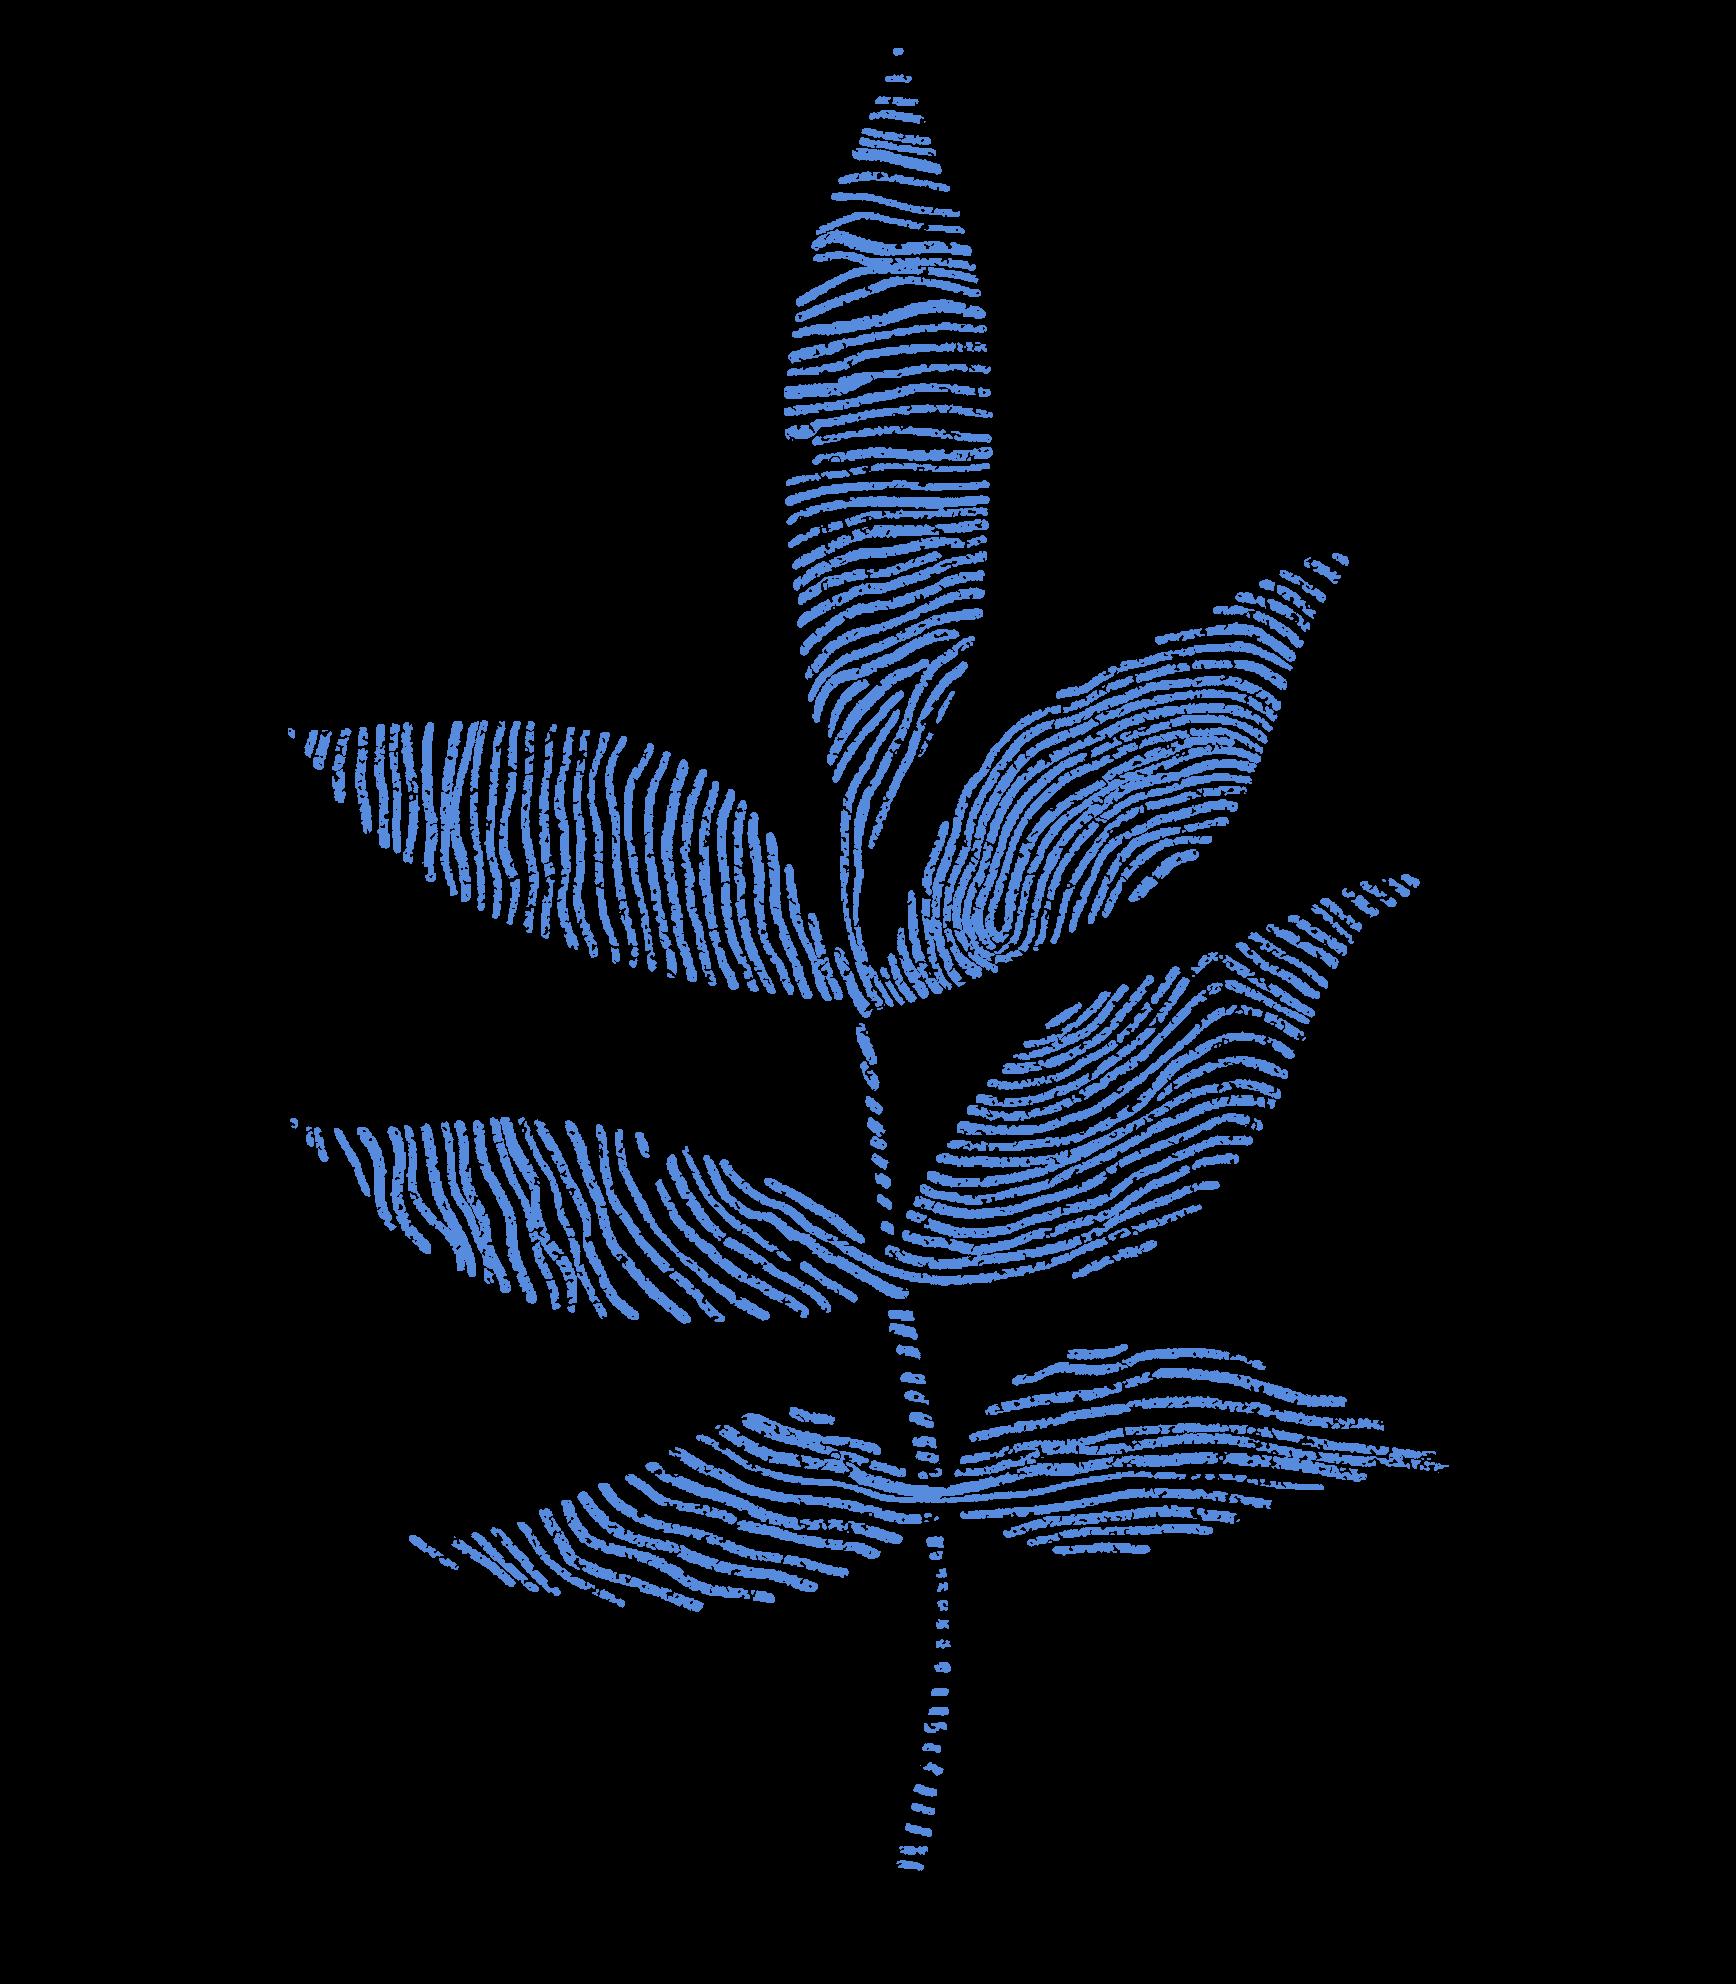 Blue botanical fingerprint